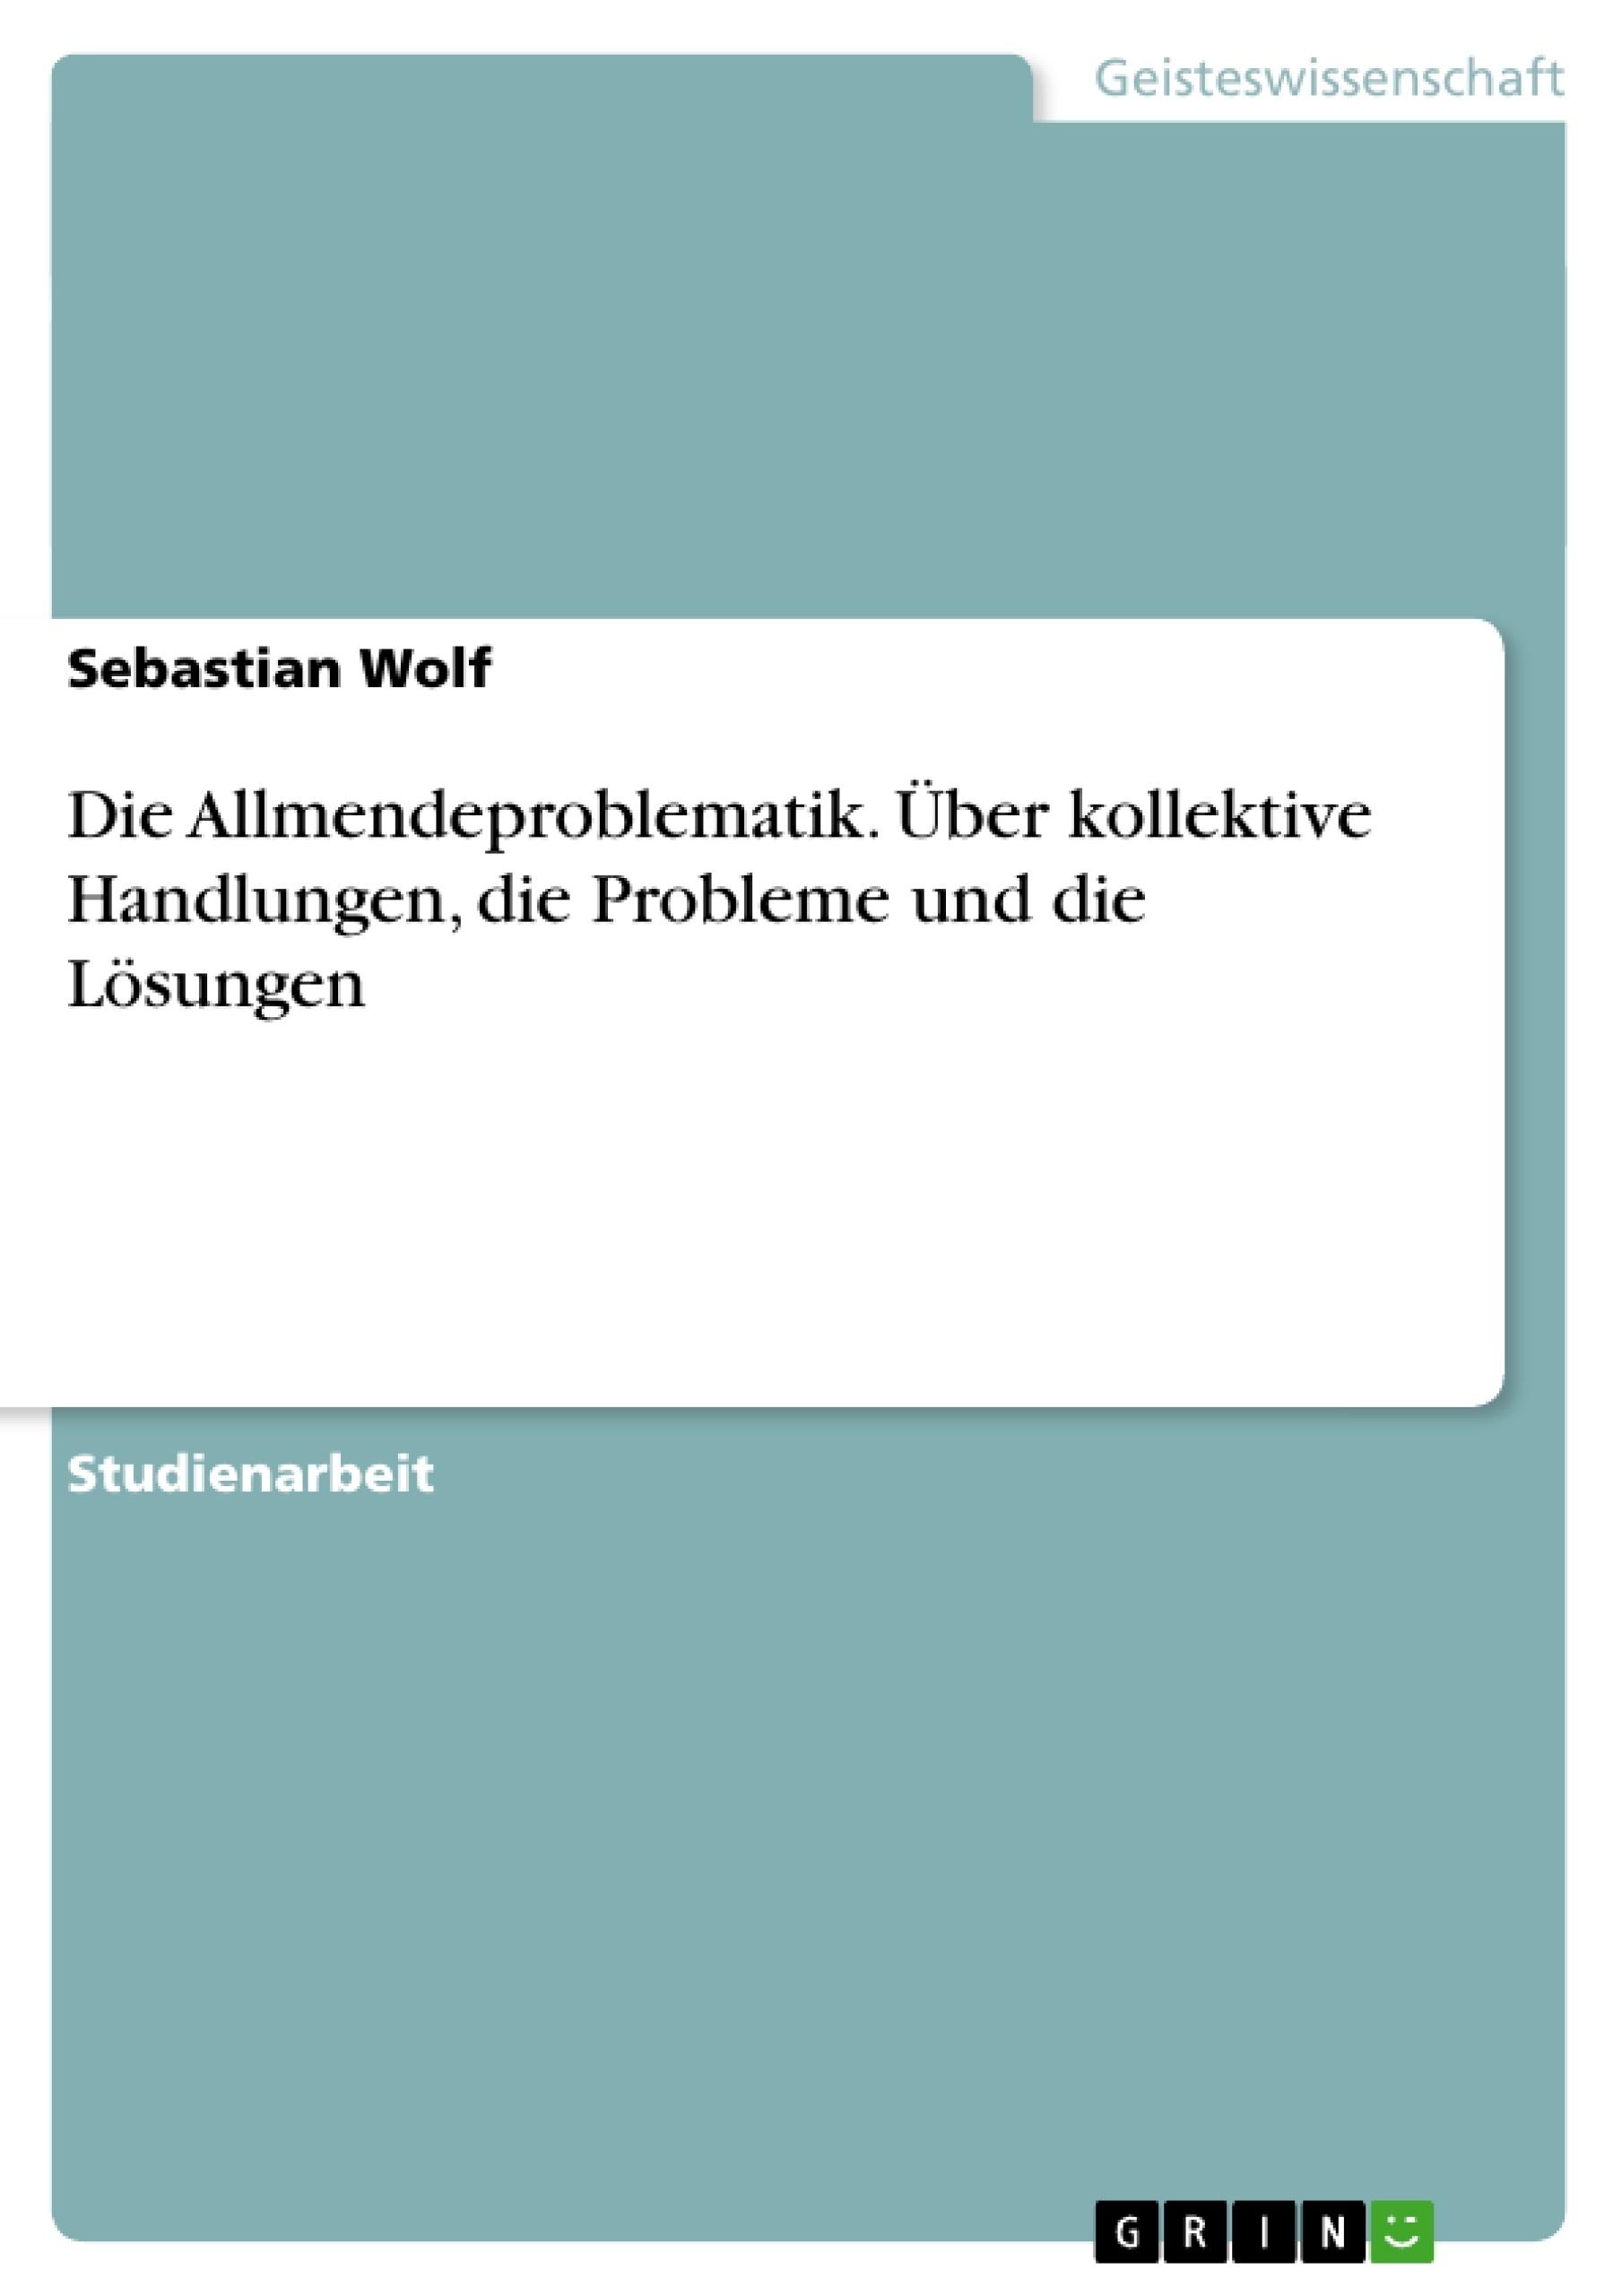 Titel: Die Allmendeproblematik. Über kollektive Handlungen, die Probleme und die Lösungen